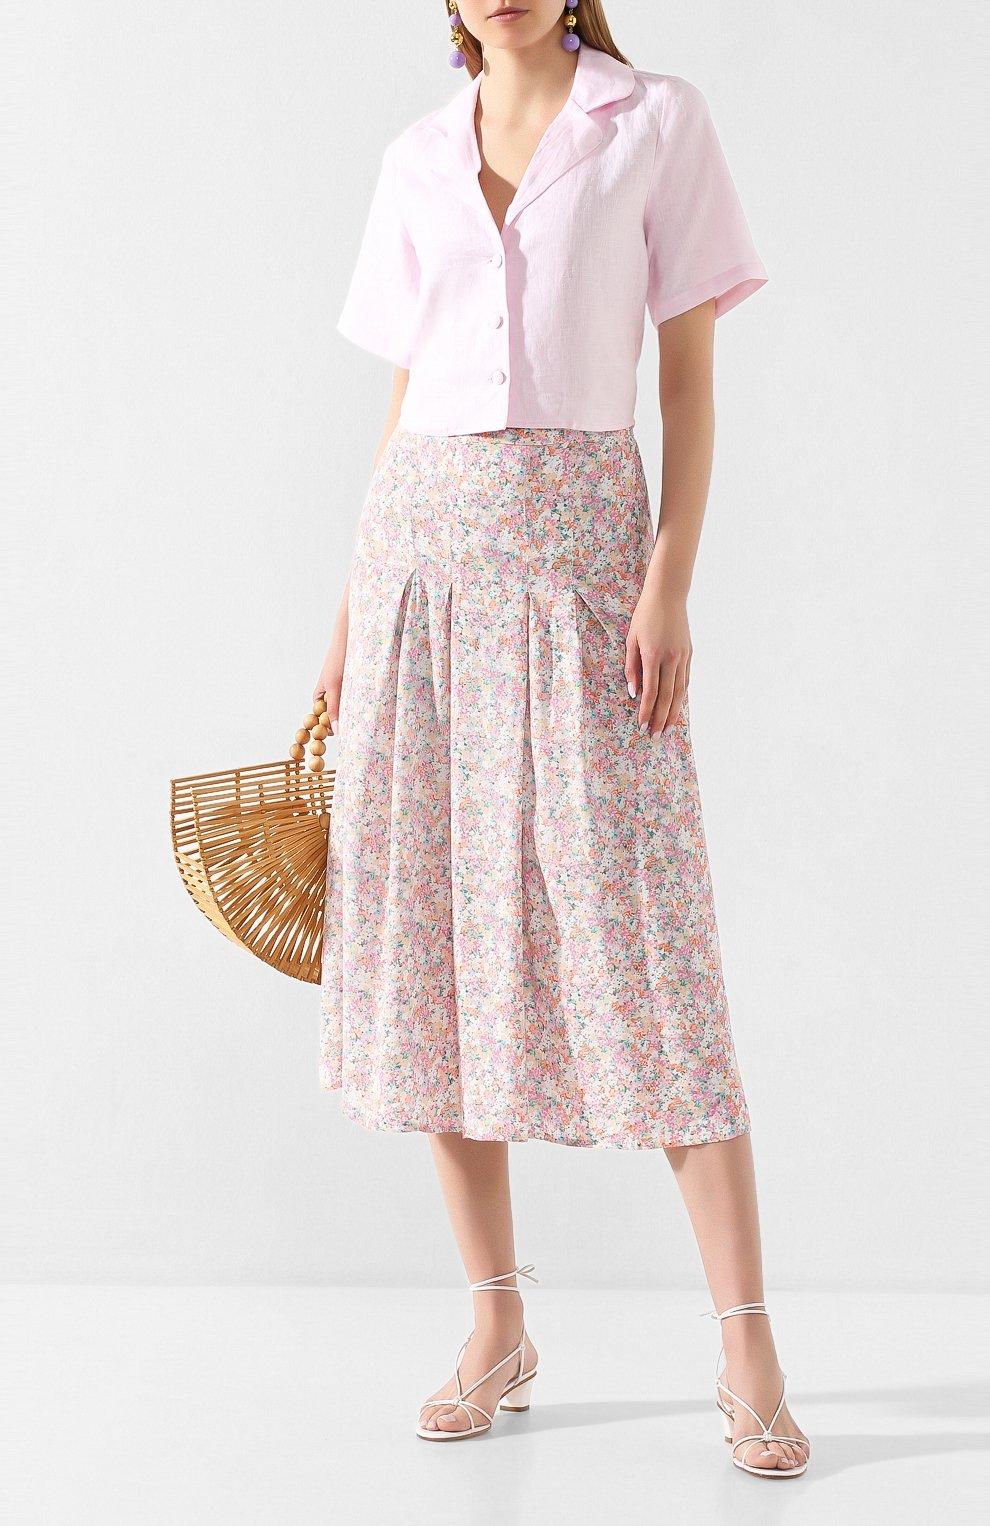 Женская юбка из вискозы FAITHFULL THE BRAND розового цвета, арт. FF1454   Фото 2 (Женское Кросс-КТ: Юбка-одежда; Длина Ж (юбки, платья, шорты): Миди; Материал внешний: Вискоза)